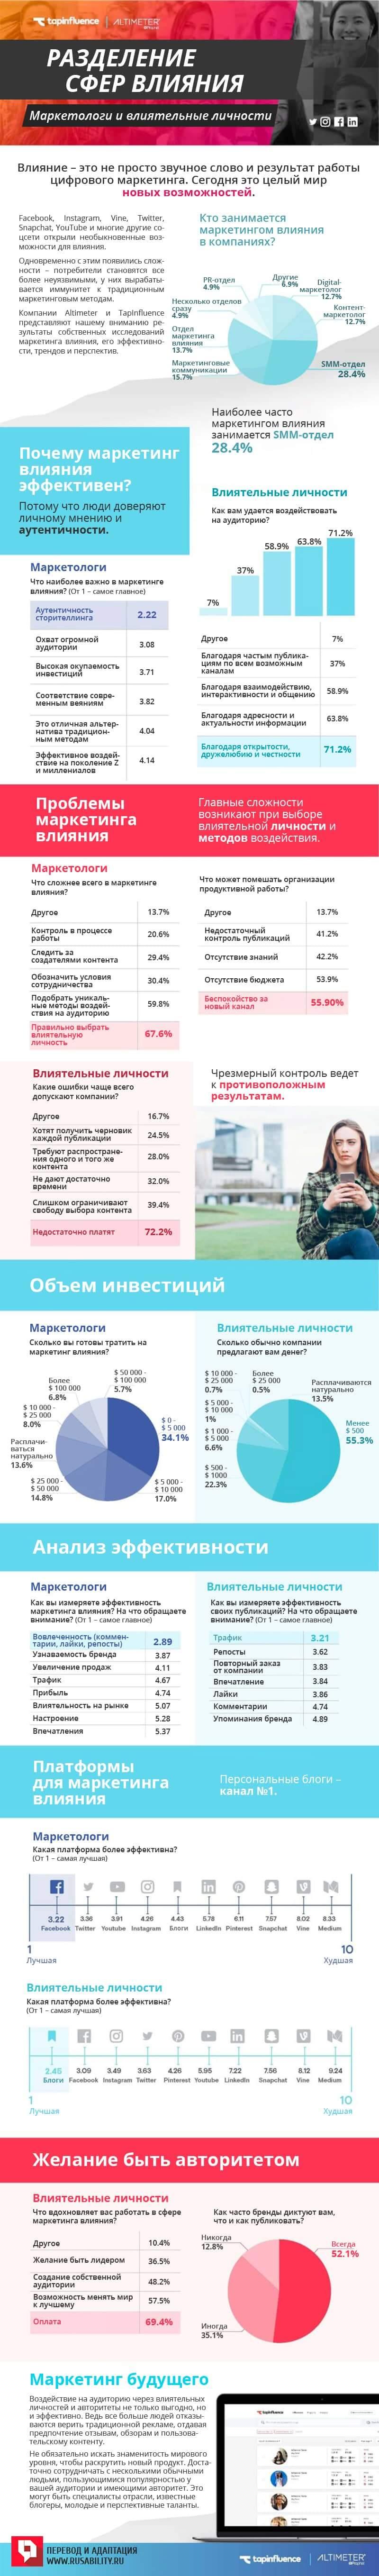 Маркетинг, влияние, influence, социальные сети, блоги, контент, инфографика